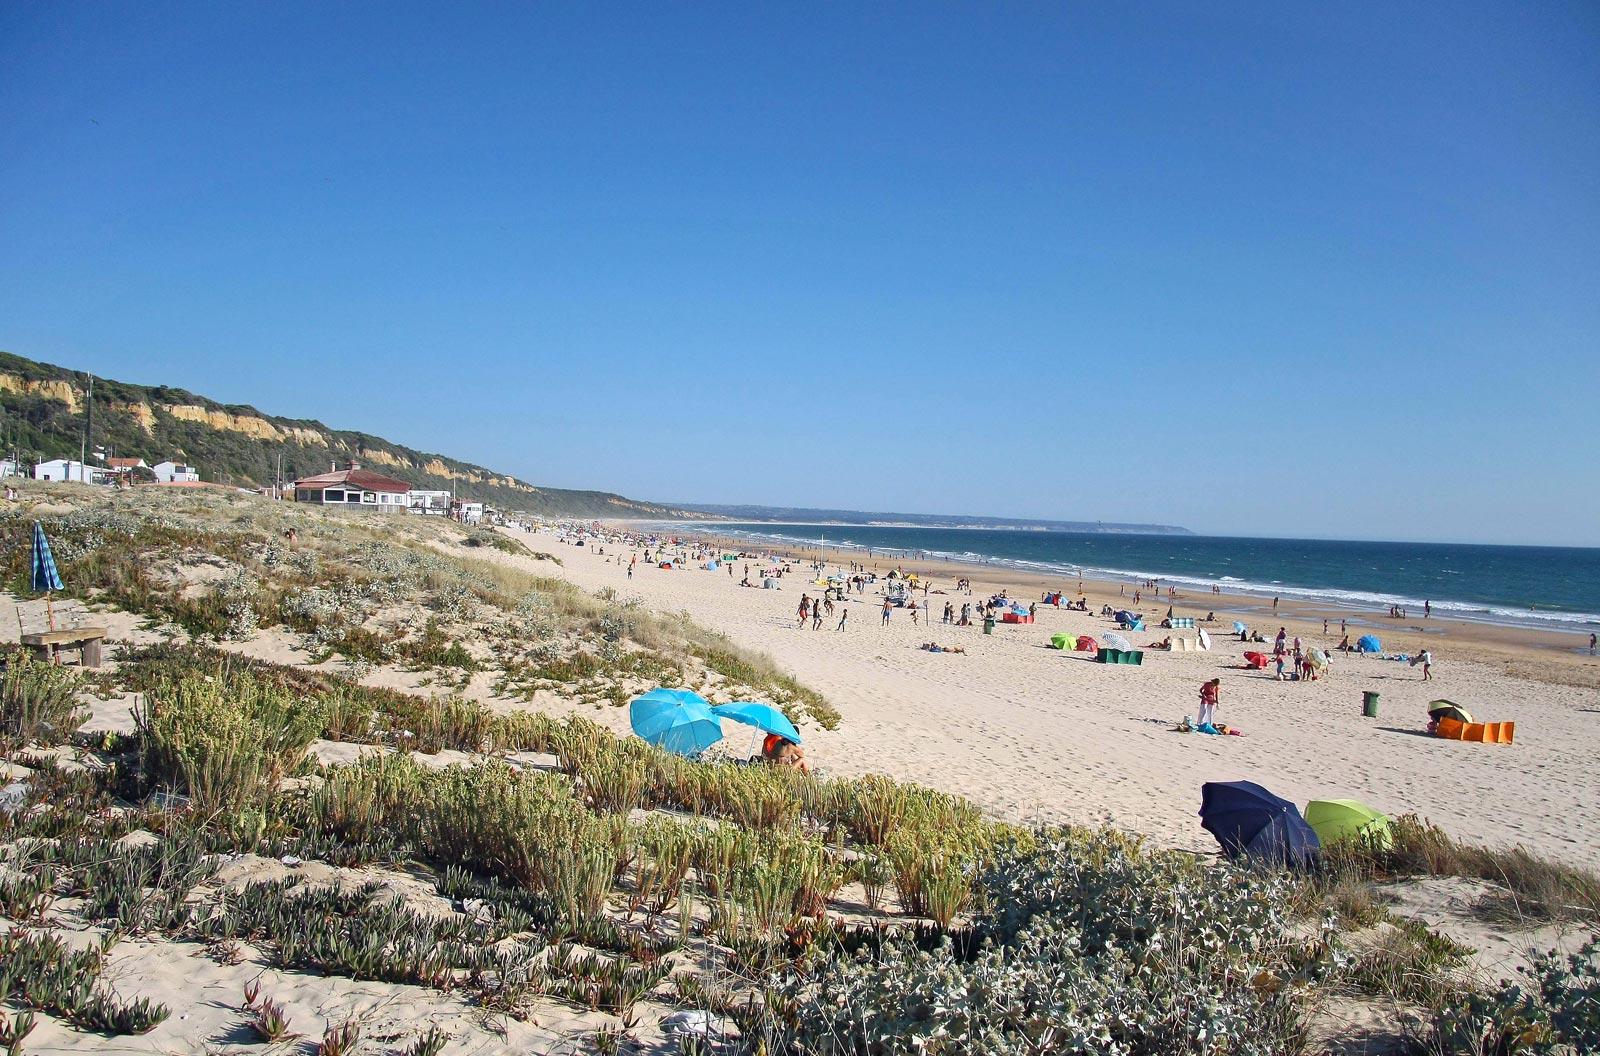 Fonte da Telha - Costa da Caparica   Lisbon and around Beaches   Portugal  Travel Guide